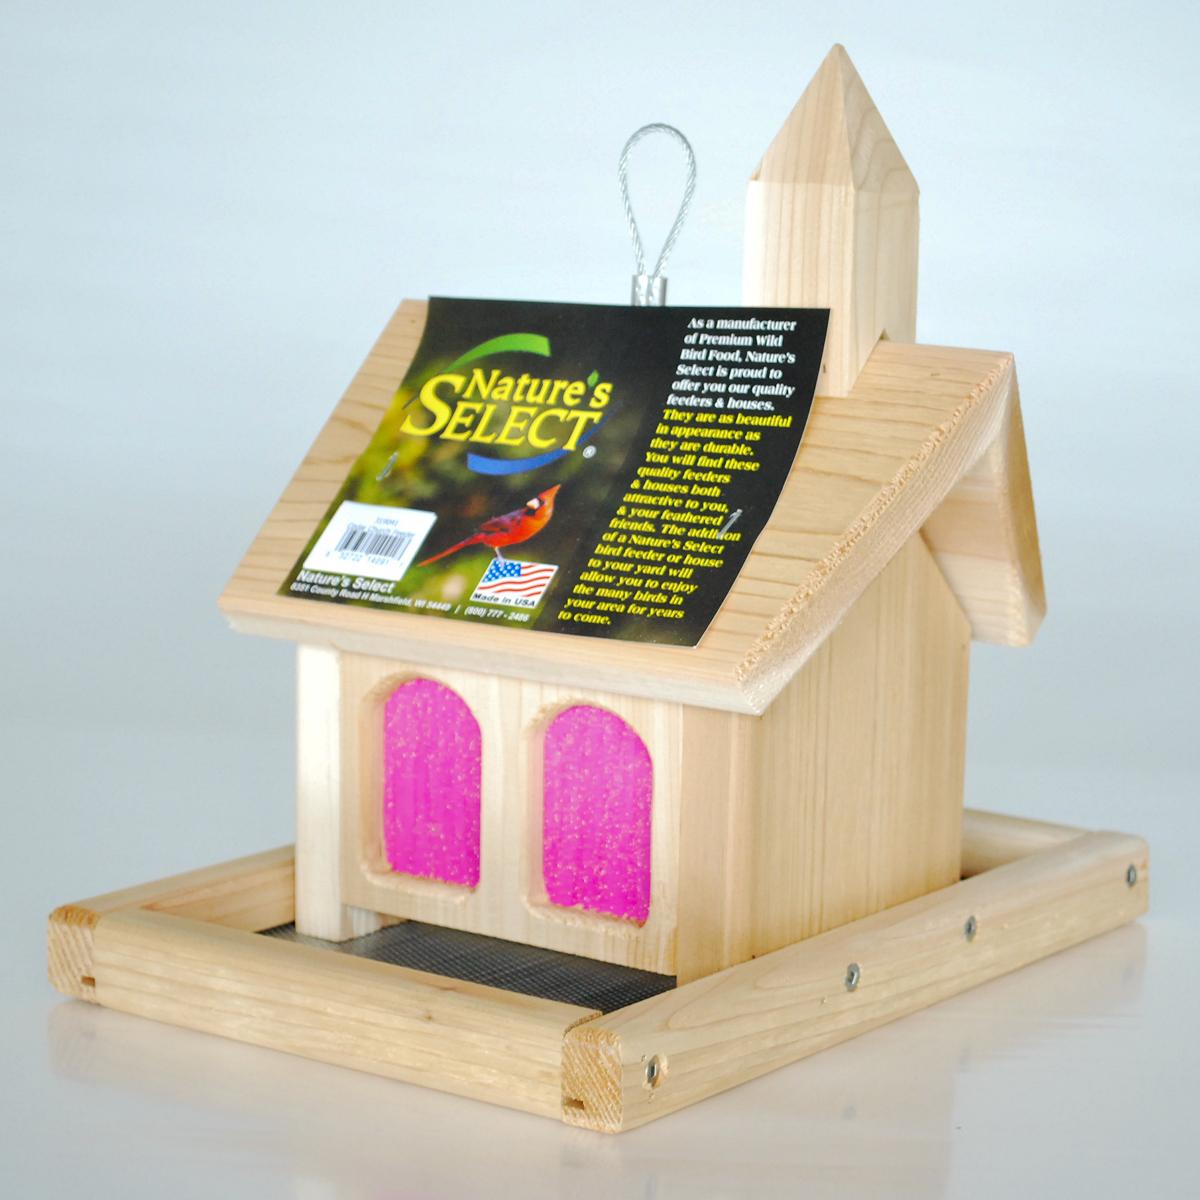 Nature's Select Cedar Church Bird Feeder